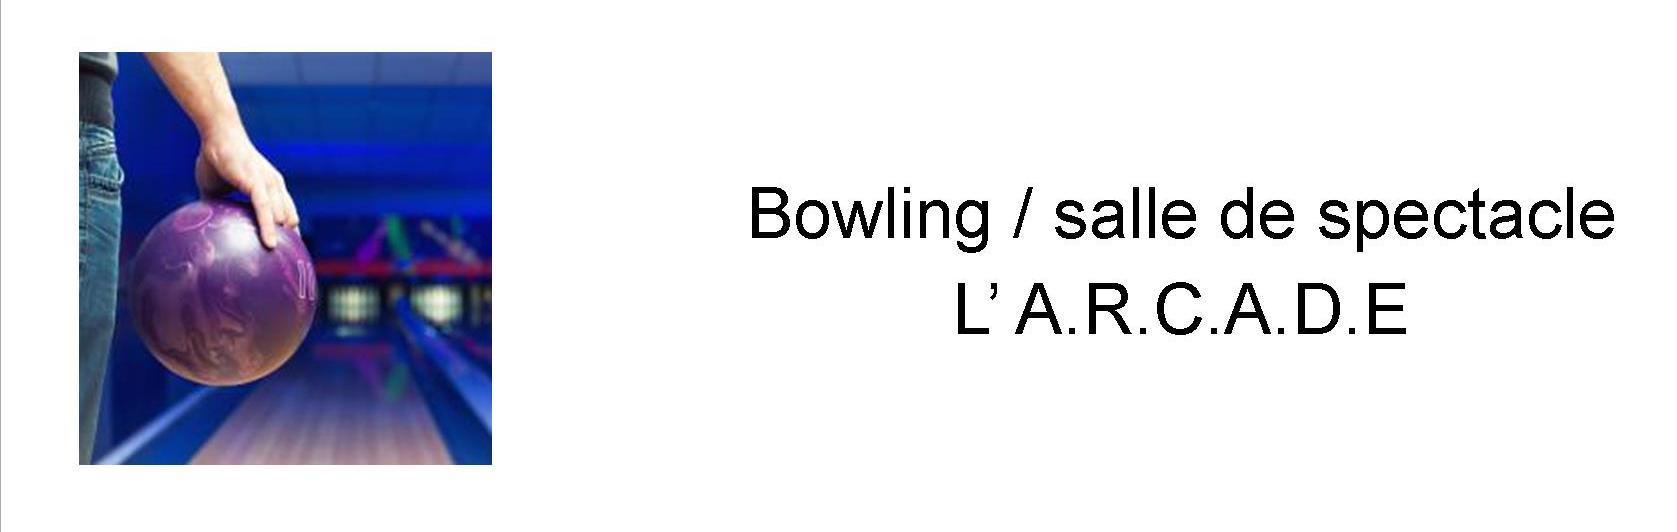 Bowling, ARCADE Notre dame de Gravenchon, Port Jerome sur seine